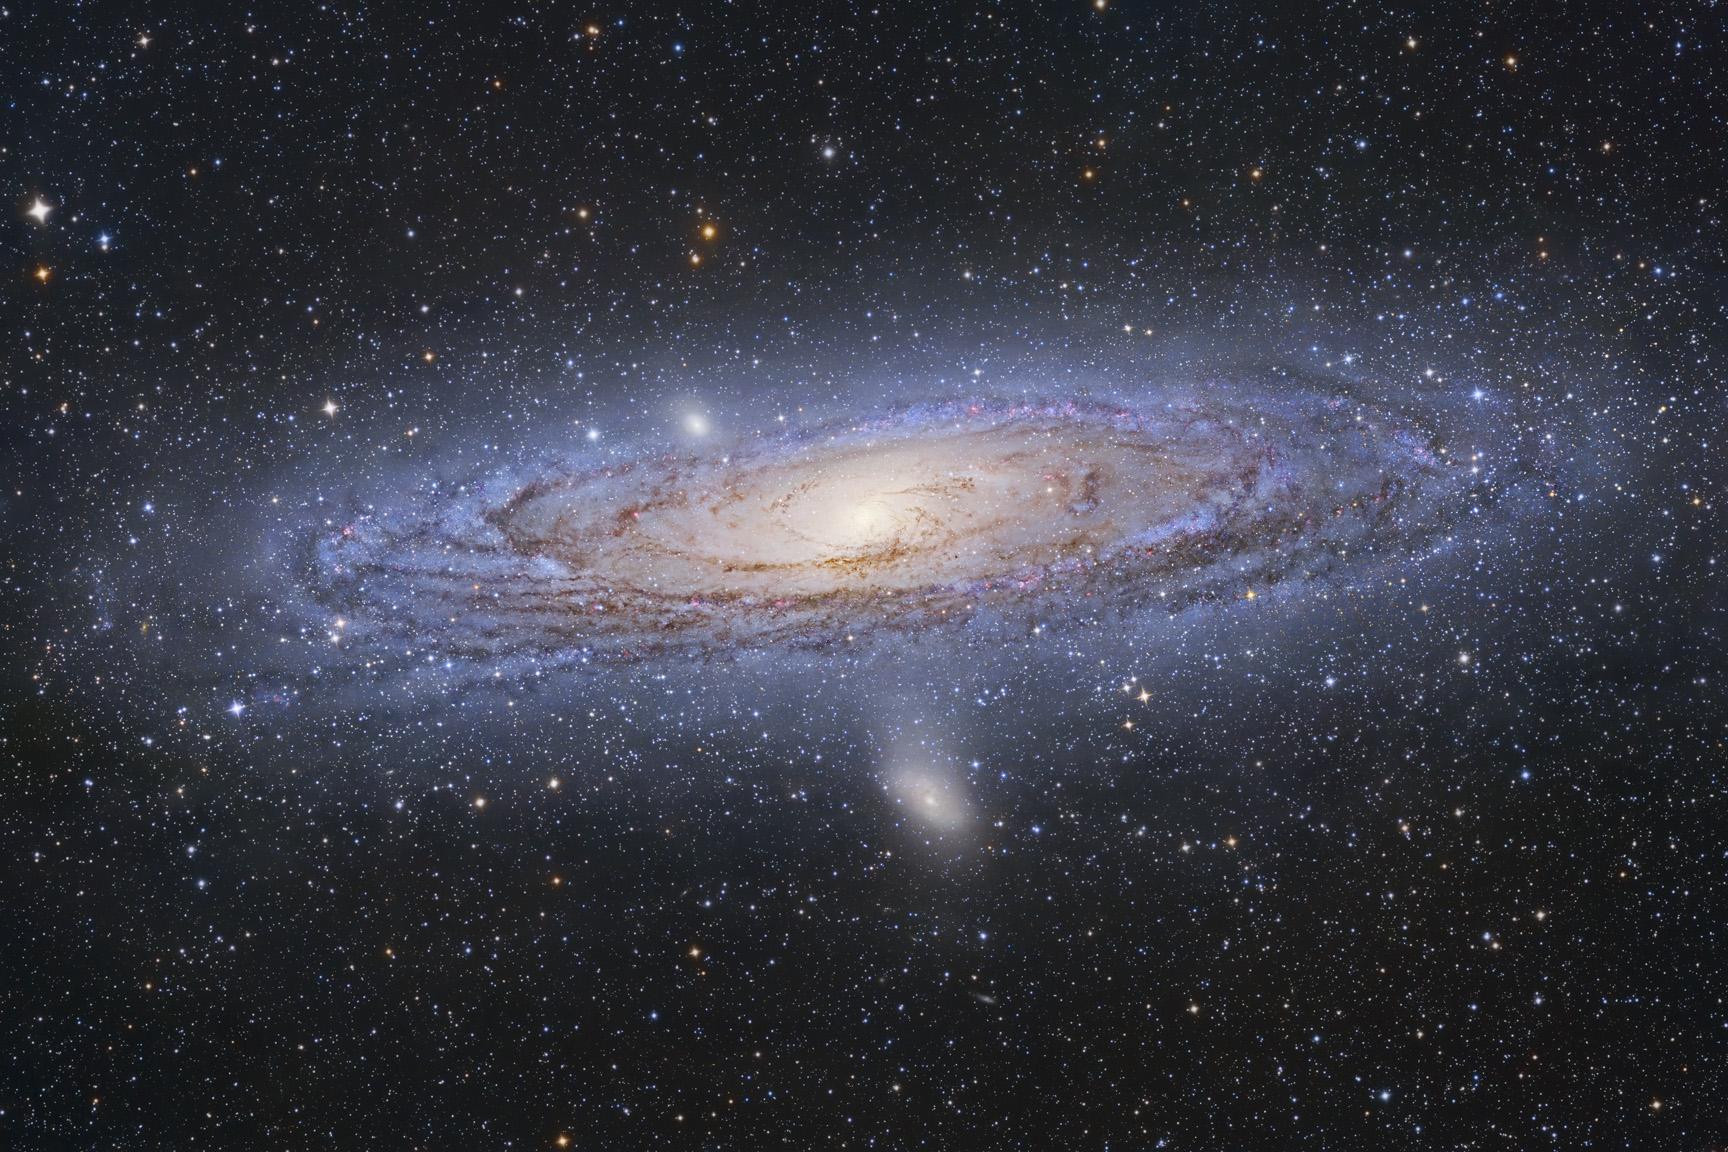 Astronomi penceresinden kayyumiyet ve ezeliyet